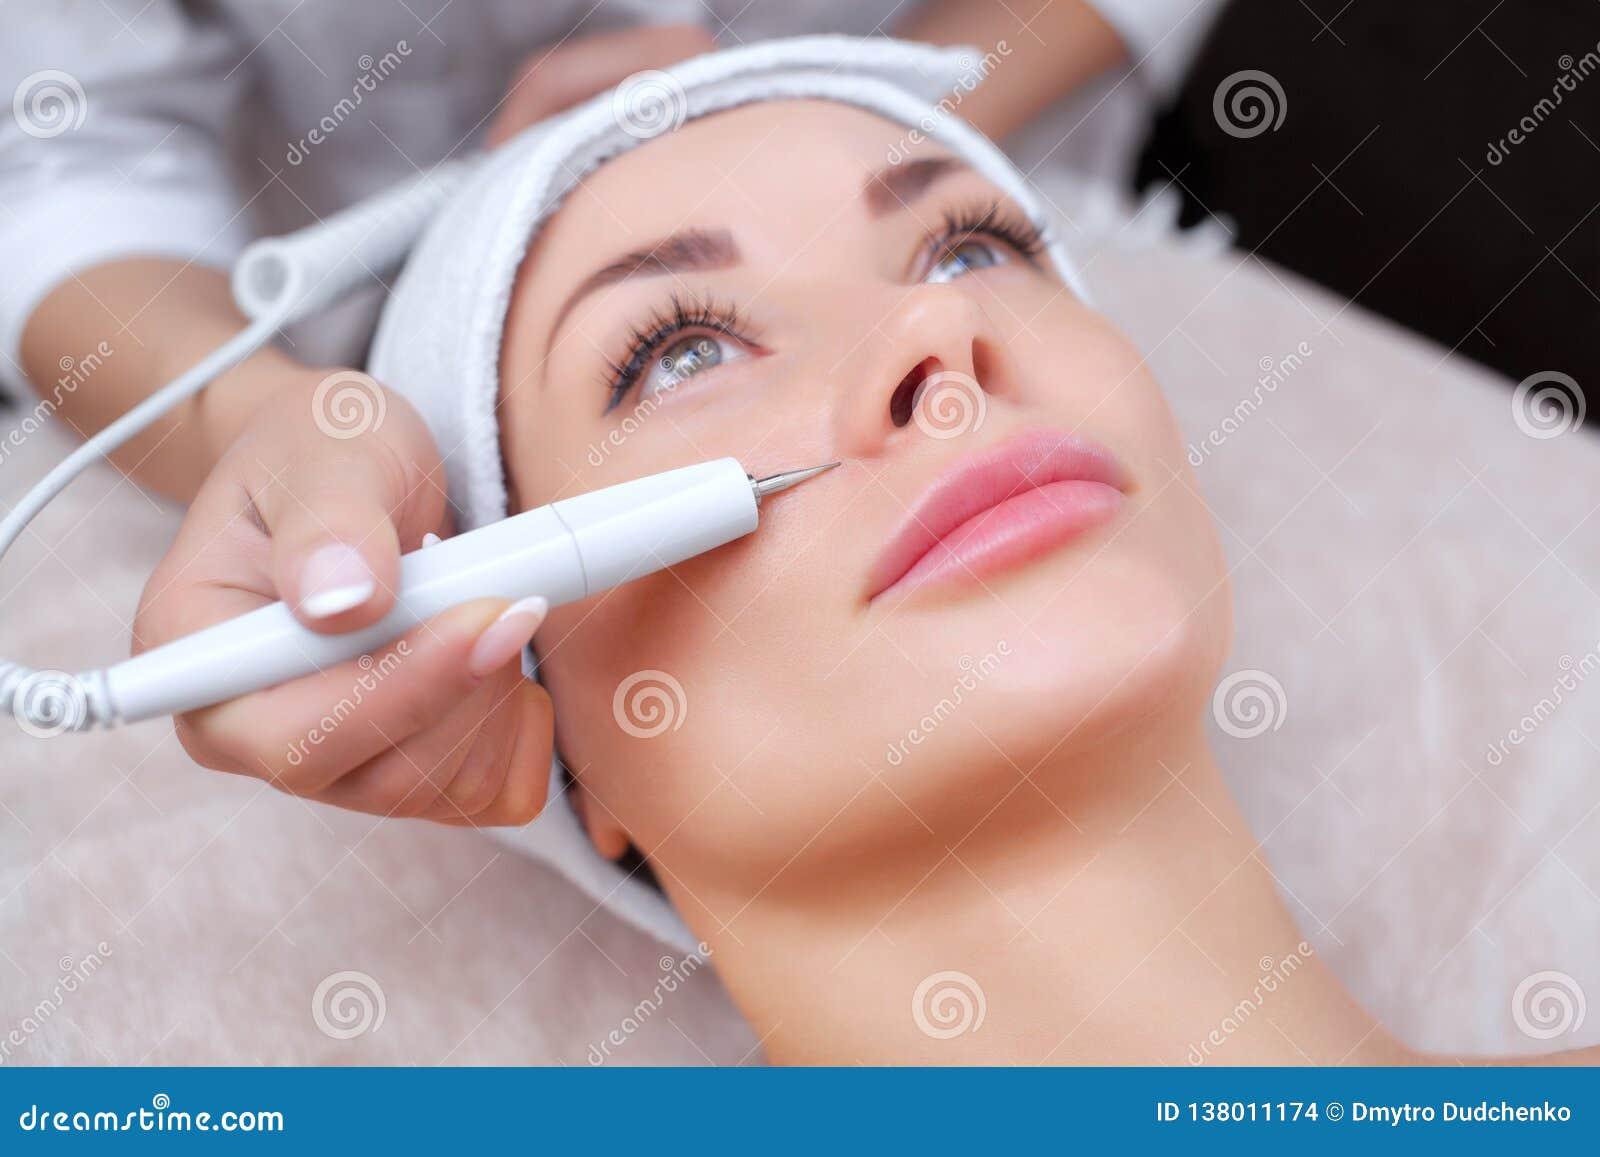 Το γιατρός-cosmetologist κάνει την επεξεργασία διαδικασίας Couperose του του προσώπου δέρματος μιας όμορφης, νέας γυναίκας